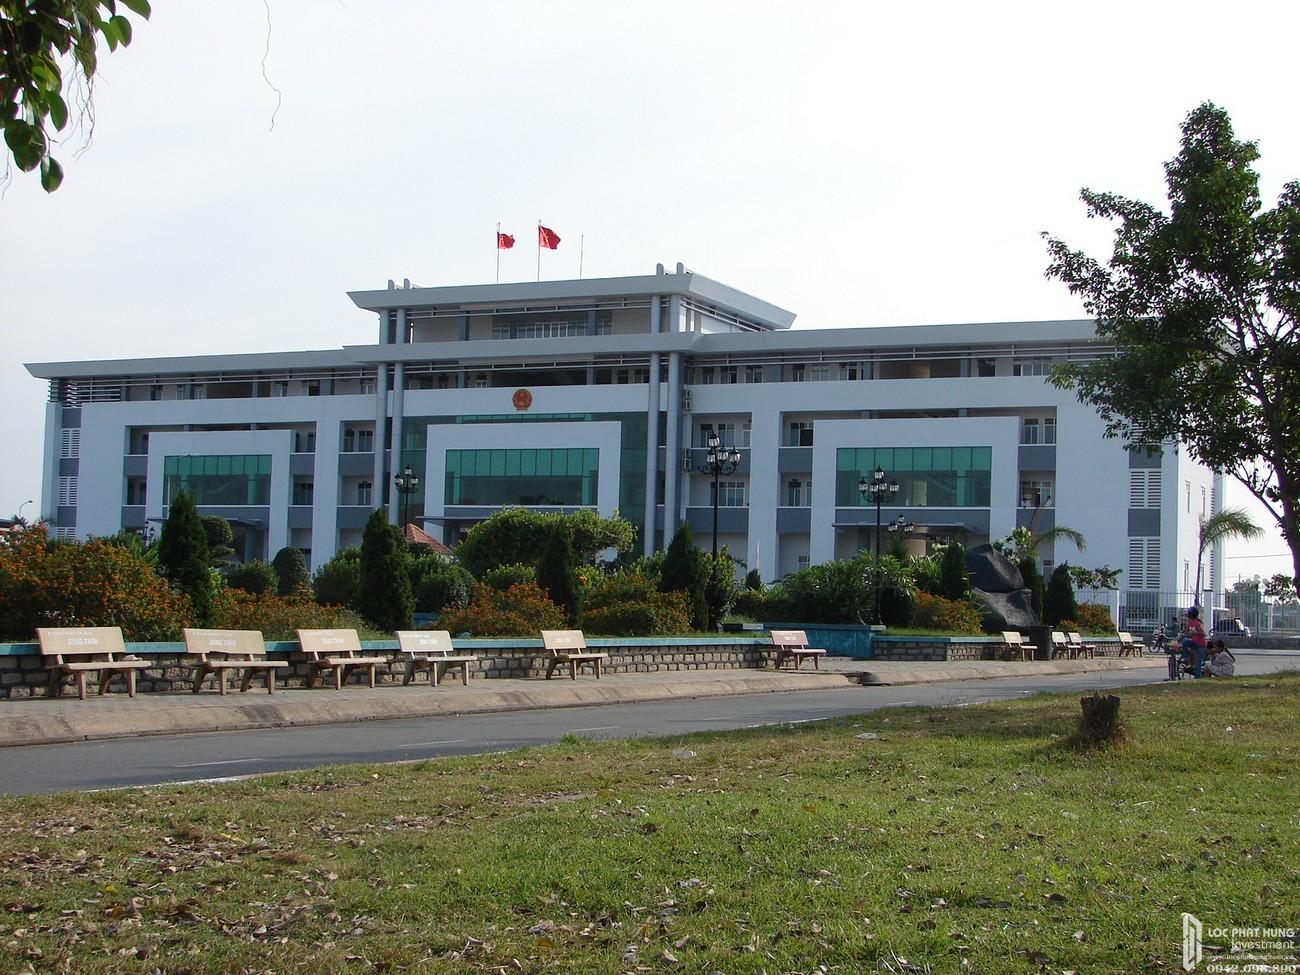 Trung tâm hành chính Dĩ An di chuyển đến địa chỉ dự án đất nền nhà phố Icon Central Dĩ An Bình Dương chủ đầu tư Phú Hồng Thịnh 10 - 15 phút